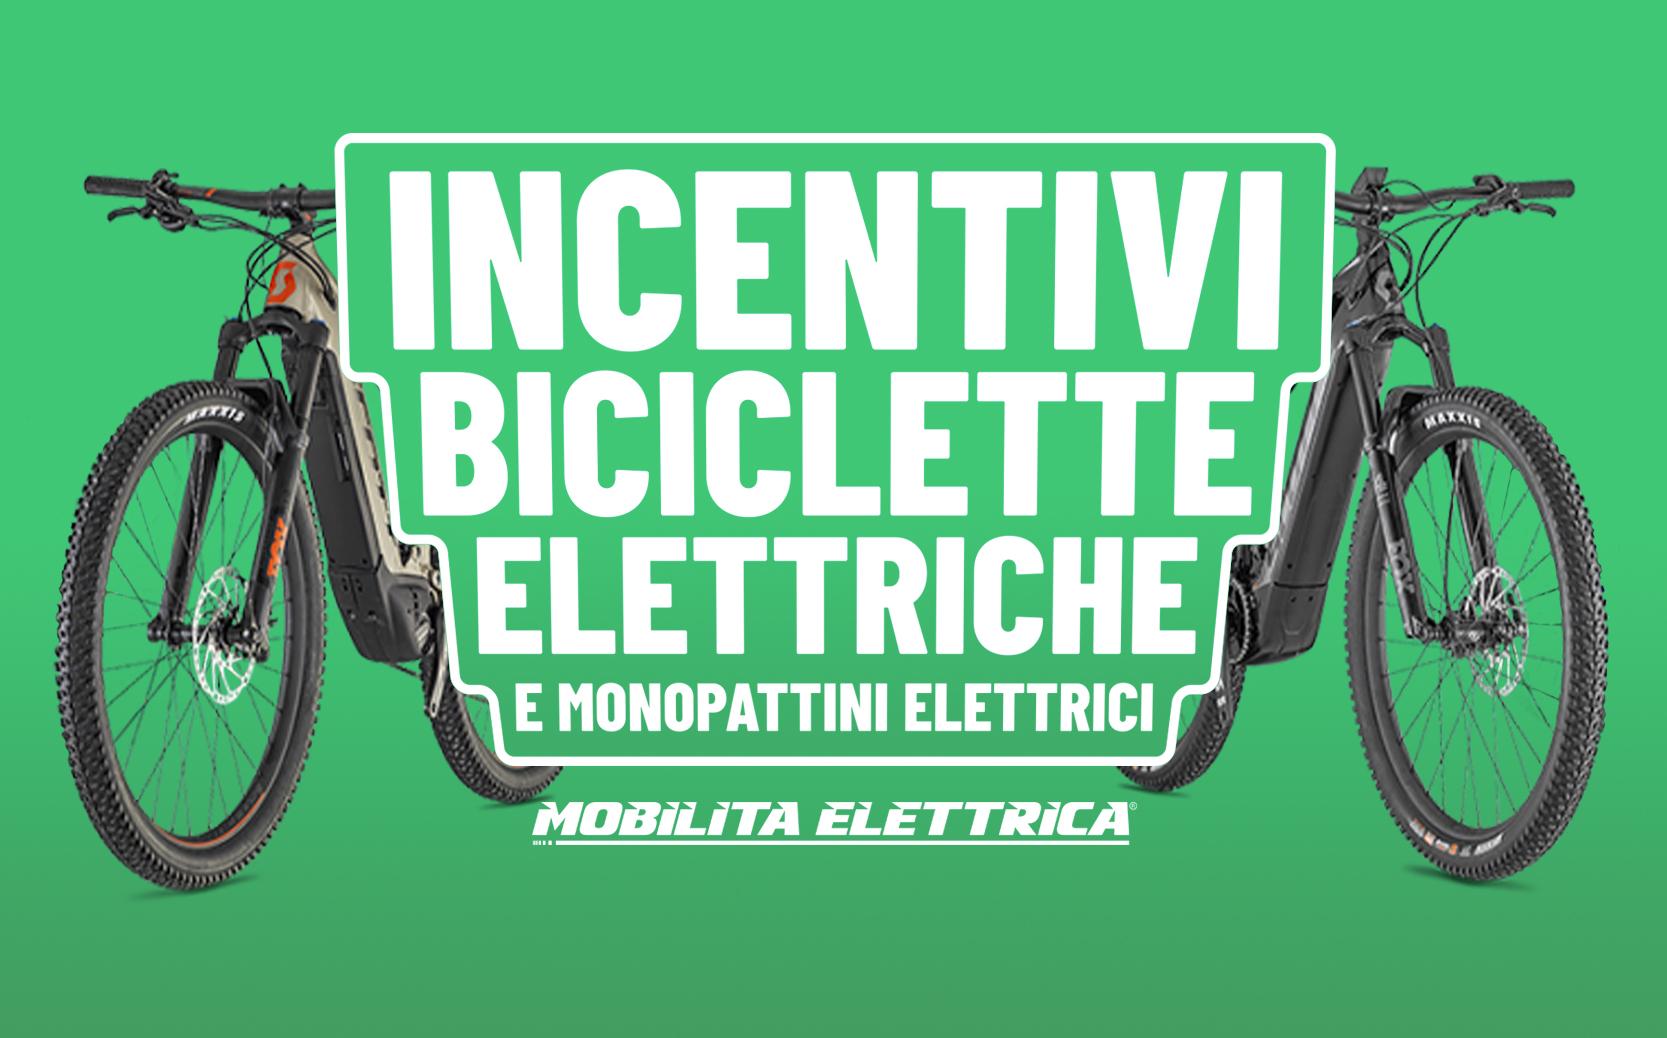 Incentivi monopattino bici elettrica ebike bonus mobilita 500 euro statali